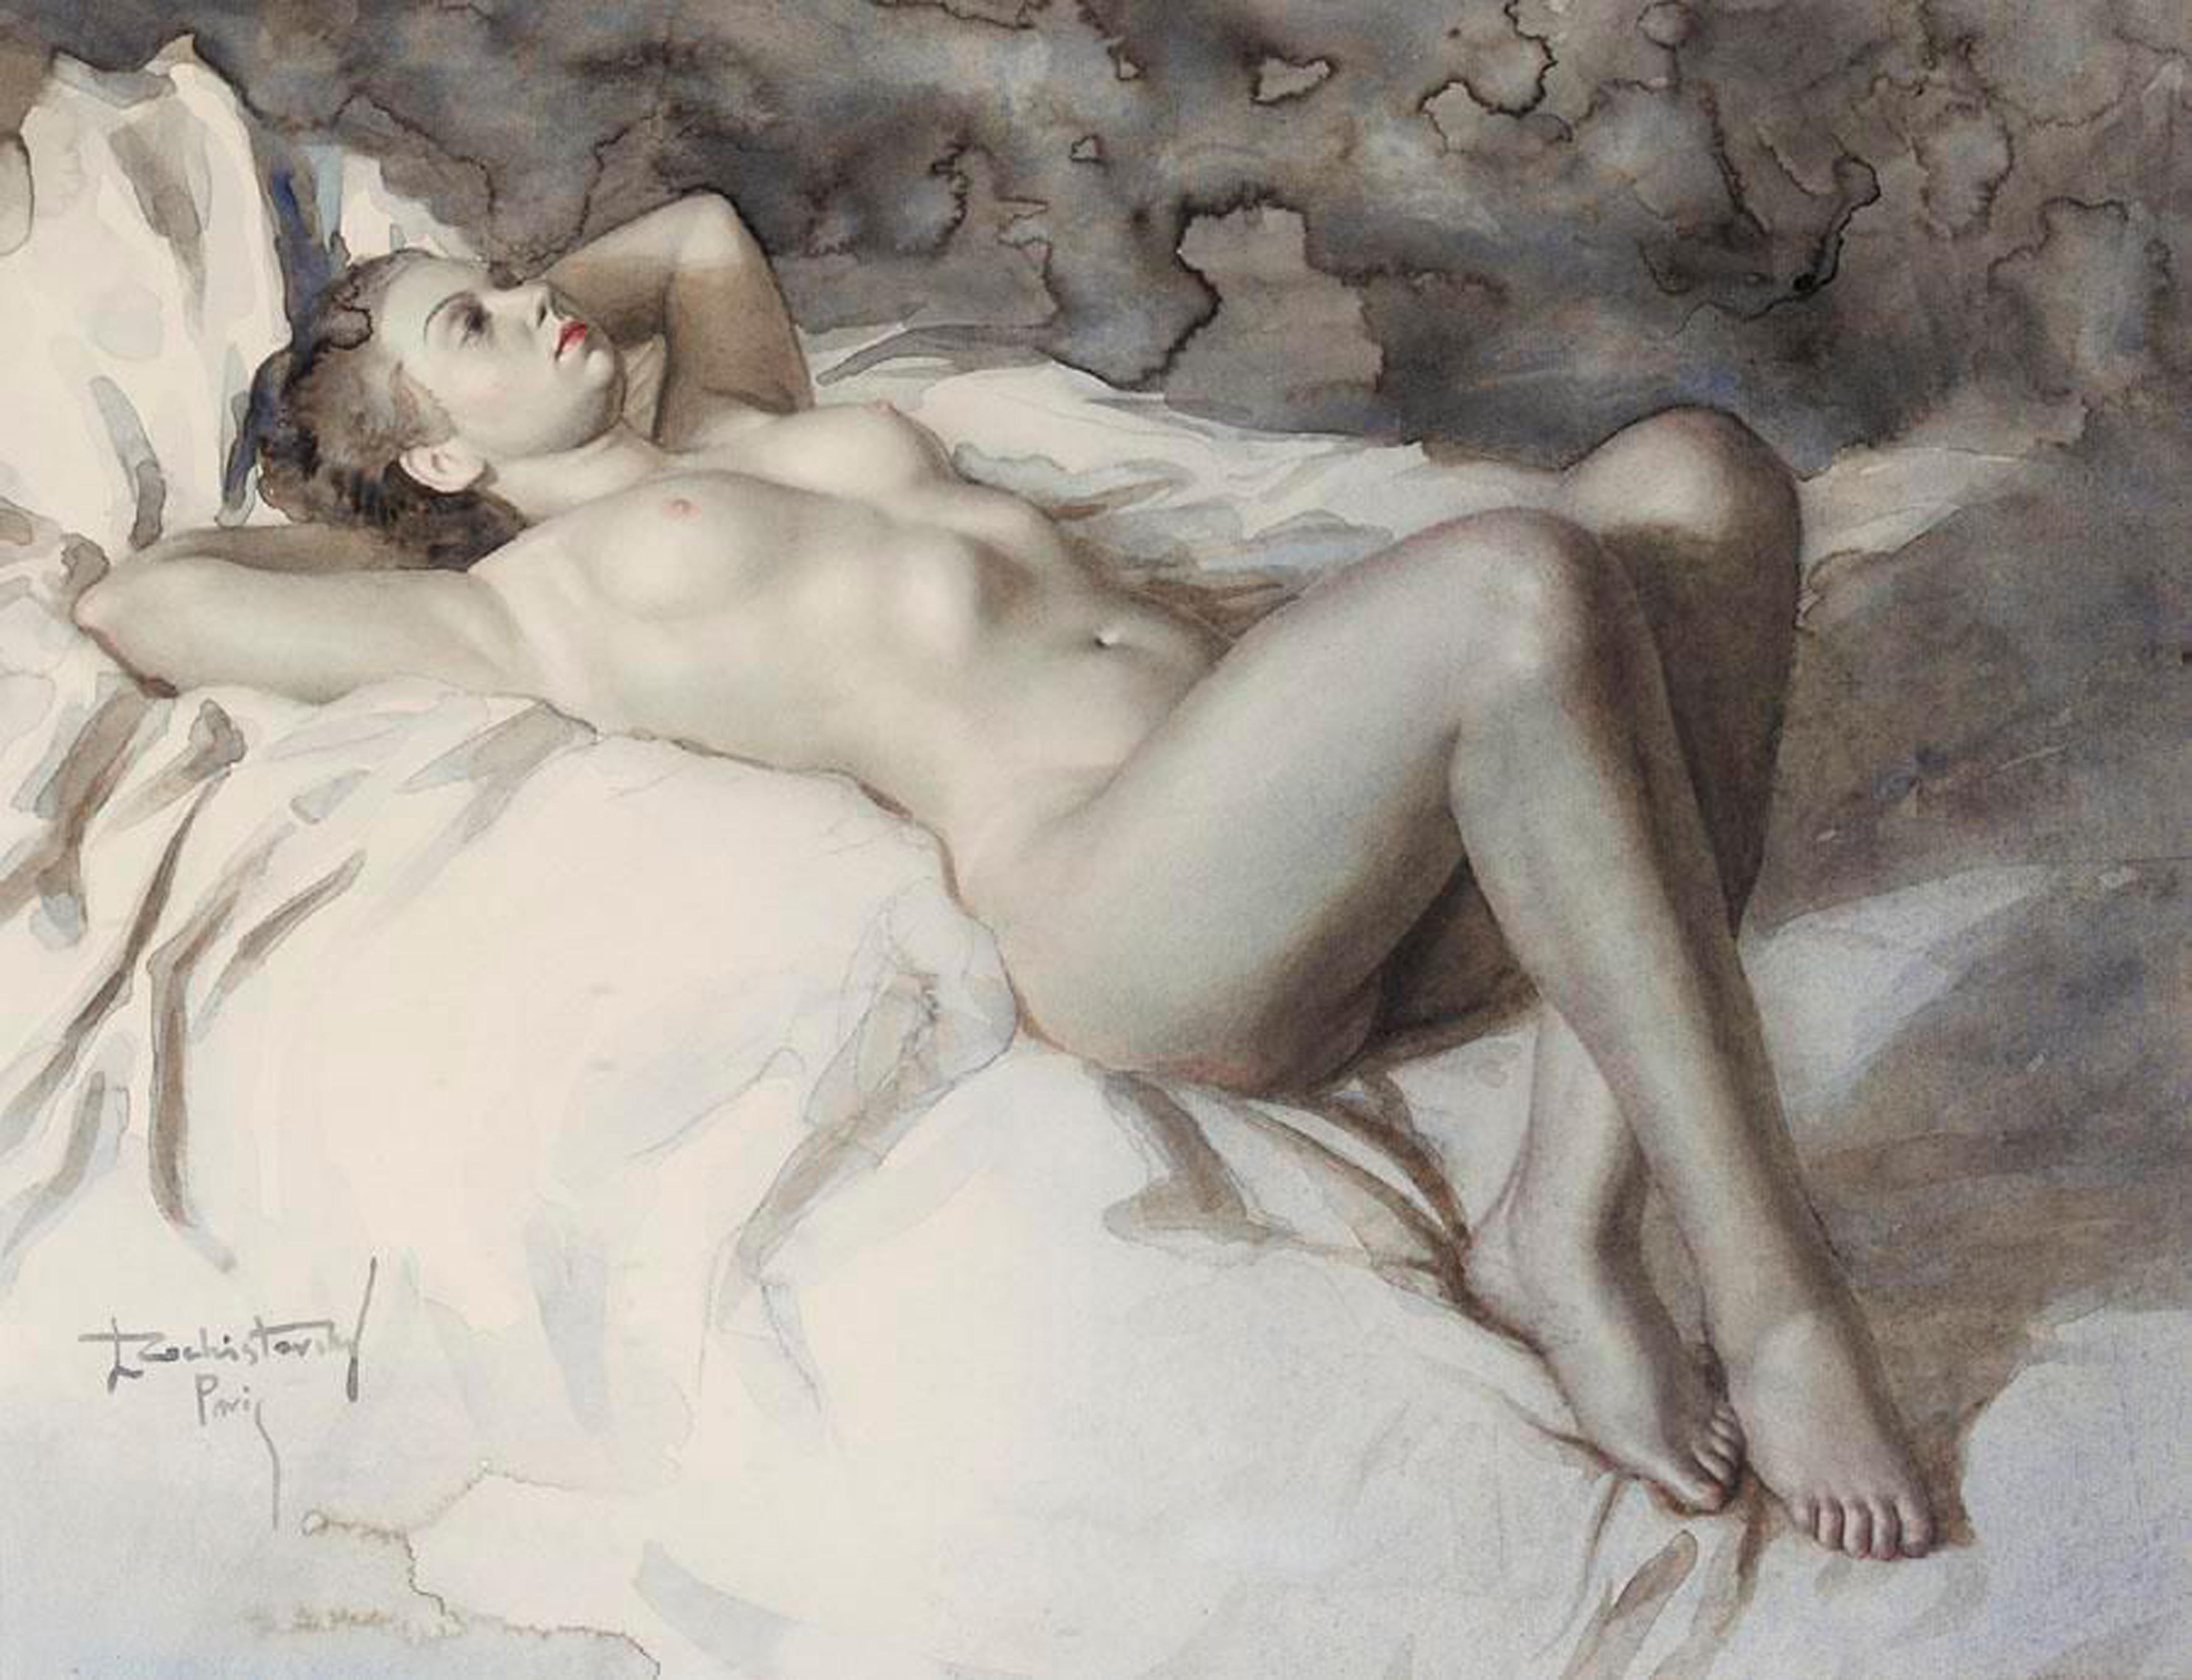 Художница рисует голого мужика, Дочь художница рисует с натуры папин член, сосёт его 9 фотография